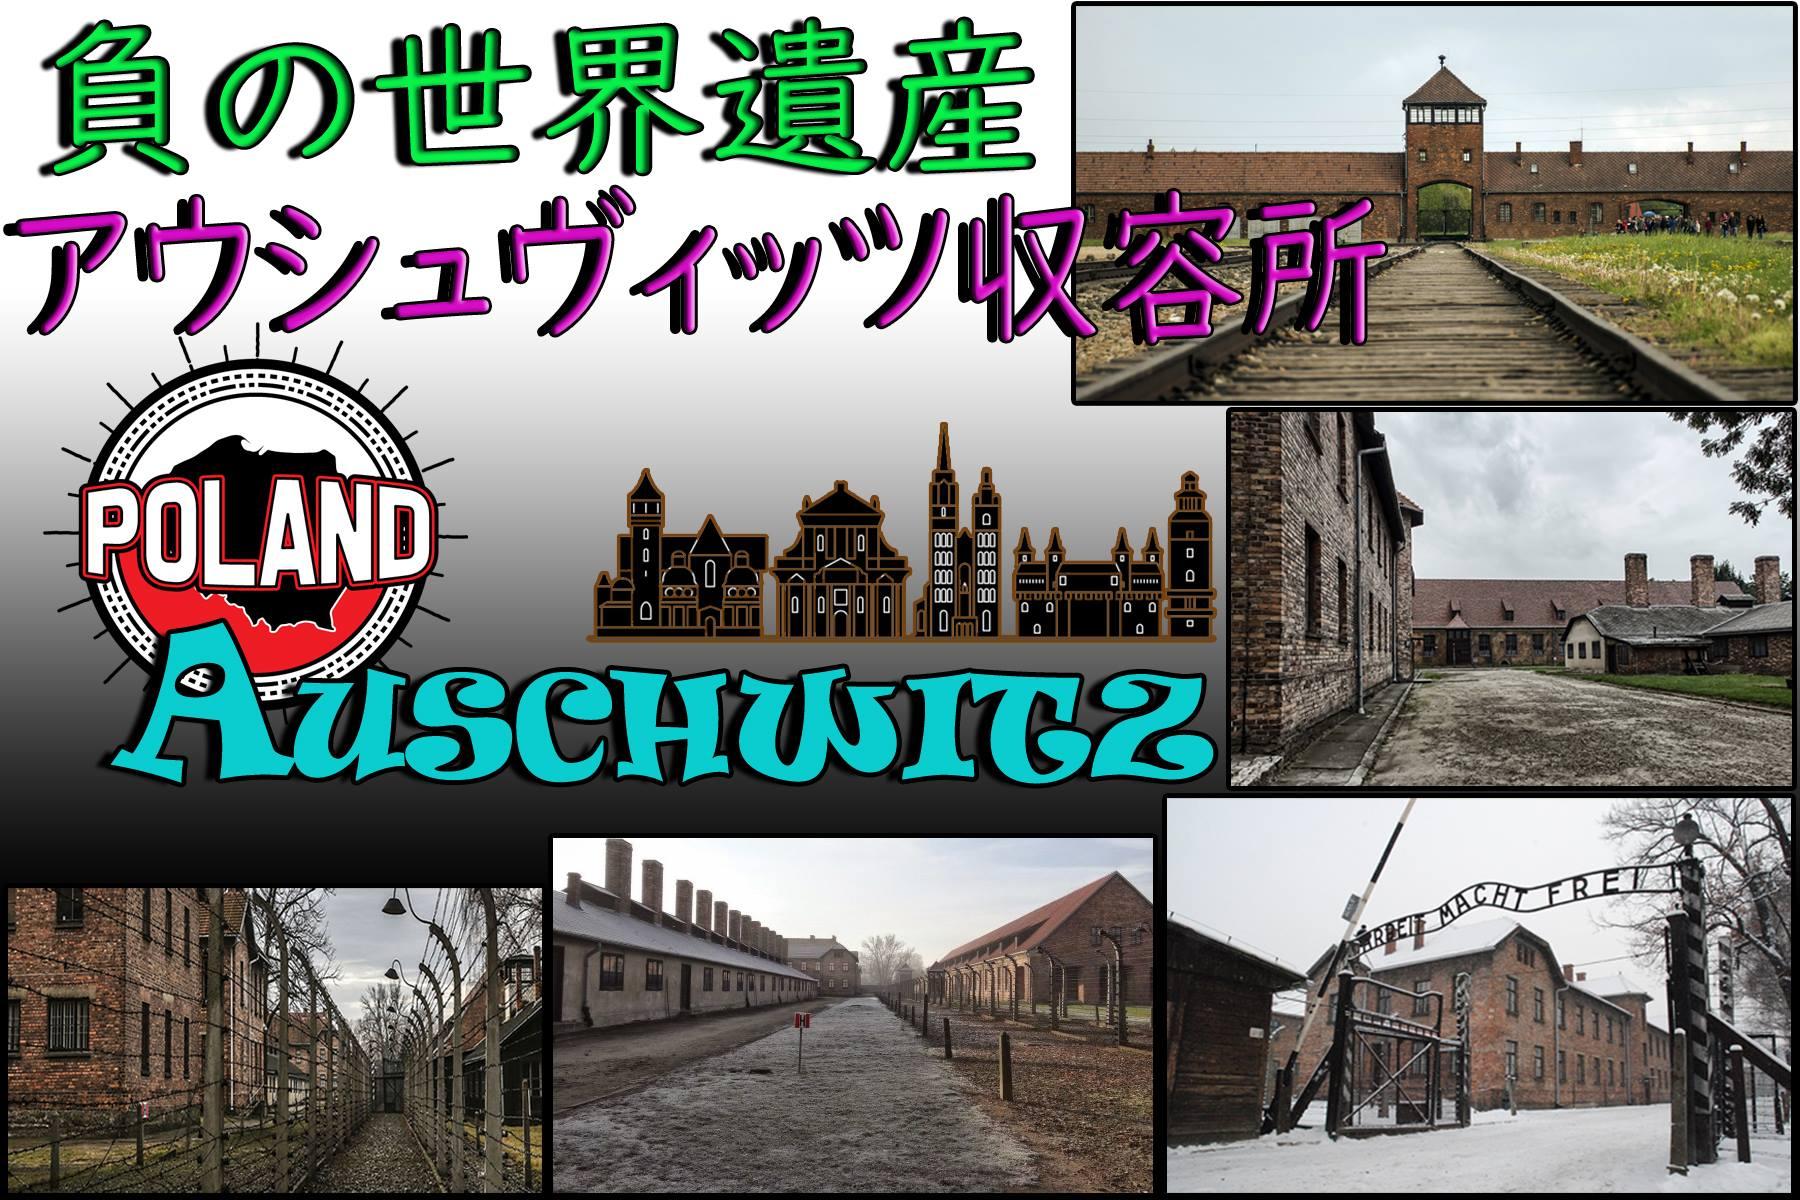 ナチスドイツ 同性愛者 殺人犯